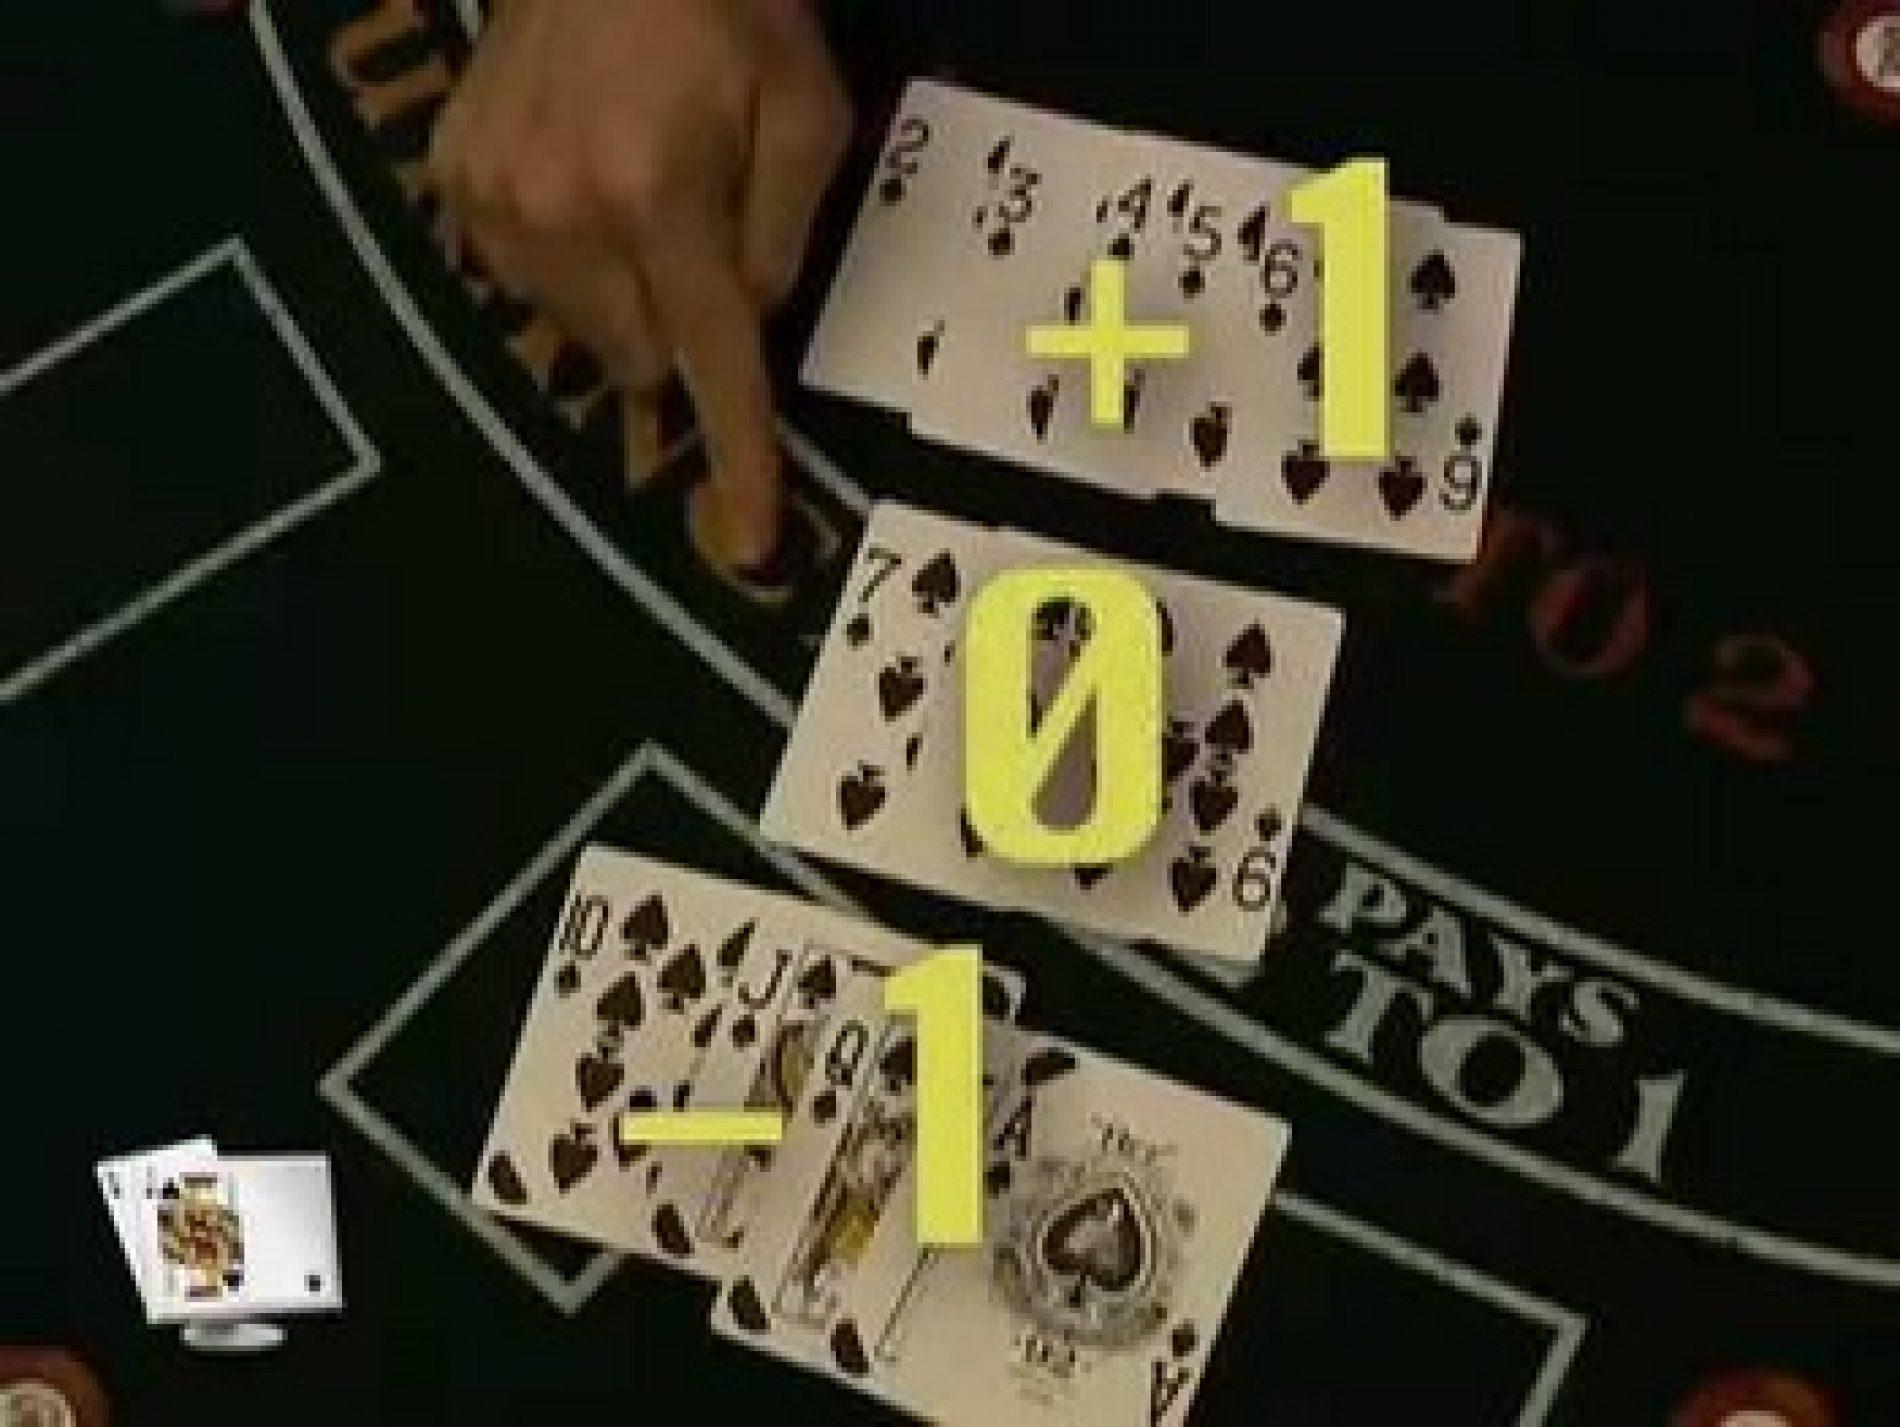 Compter Carte Blackjack.Comment Compter Les Cartes Au Blackjack Le Site Des